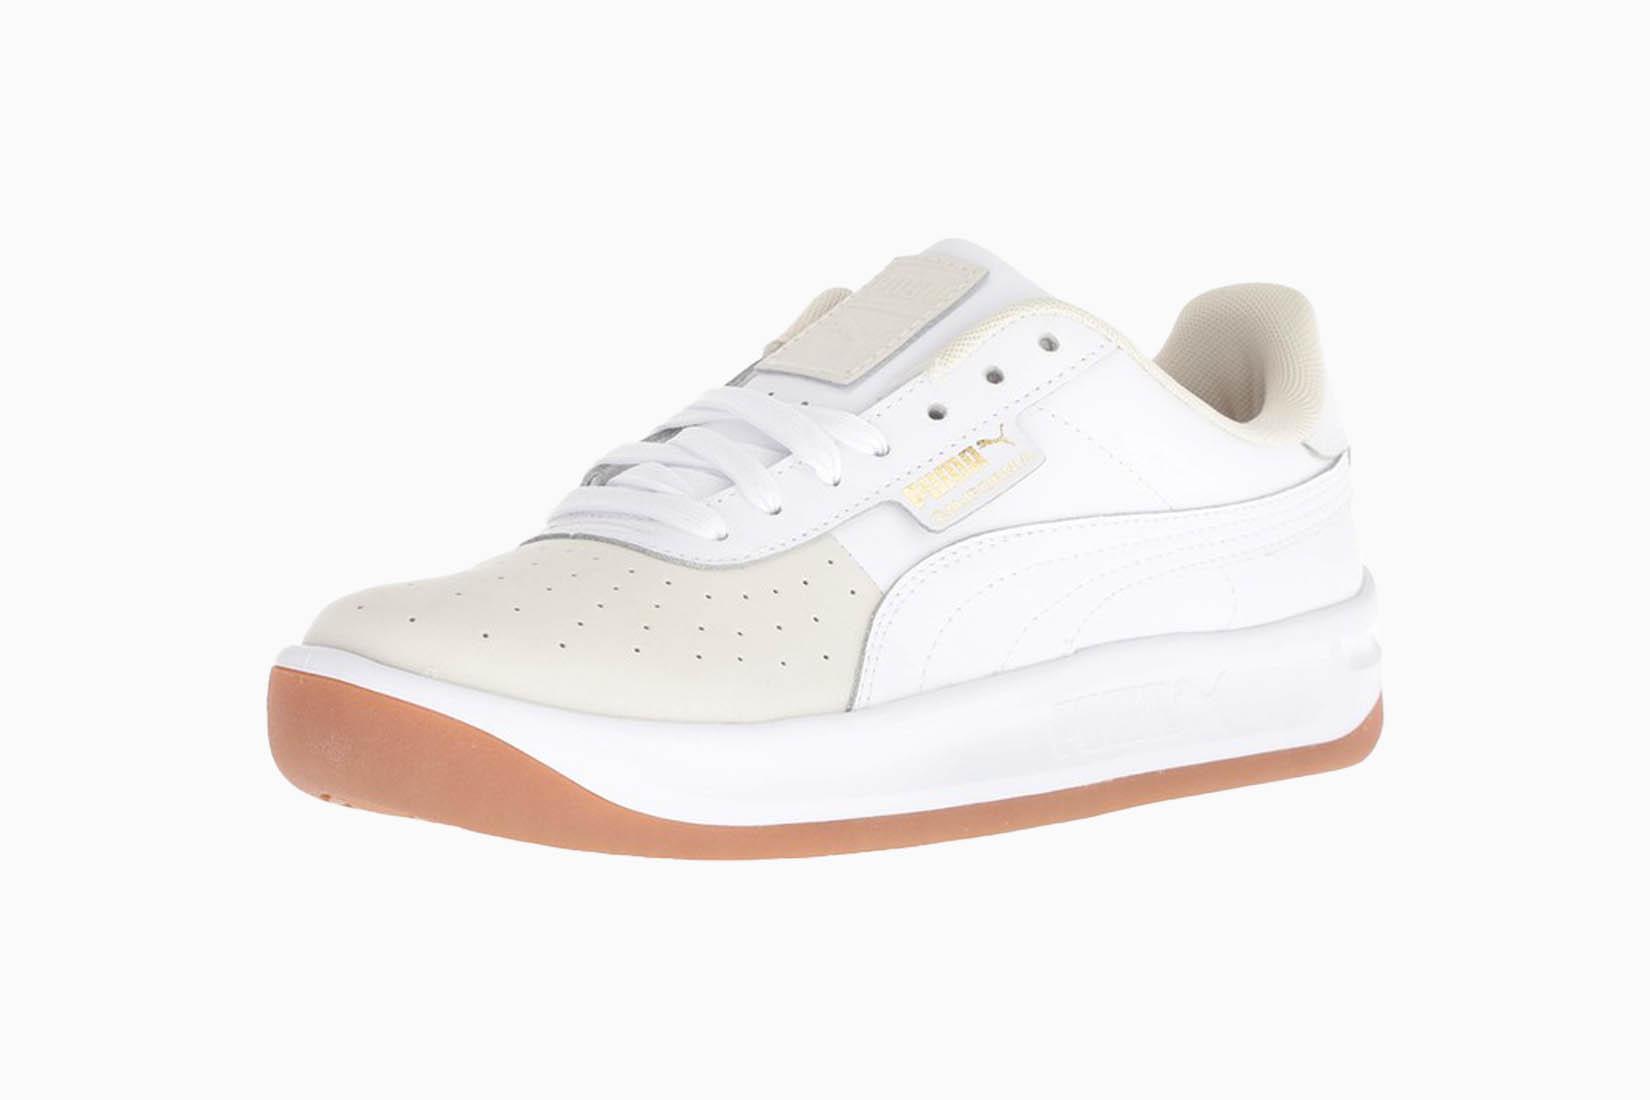 best sneakers women puma review Luxe Digital